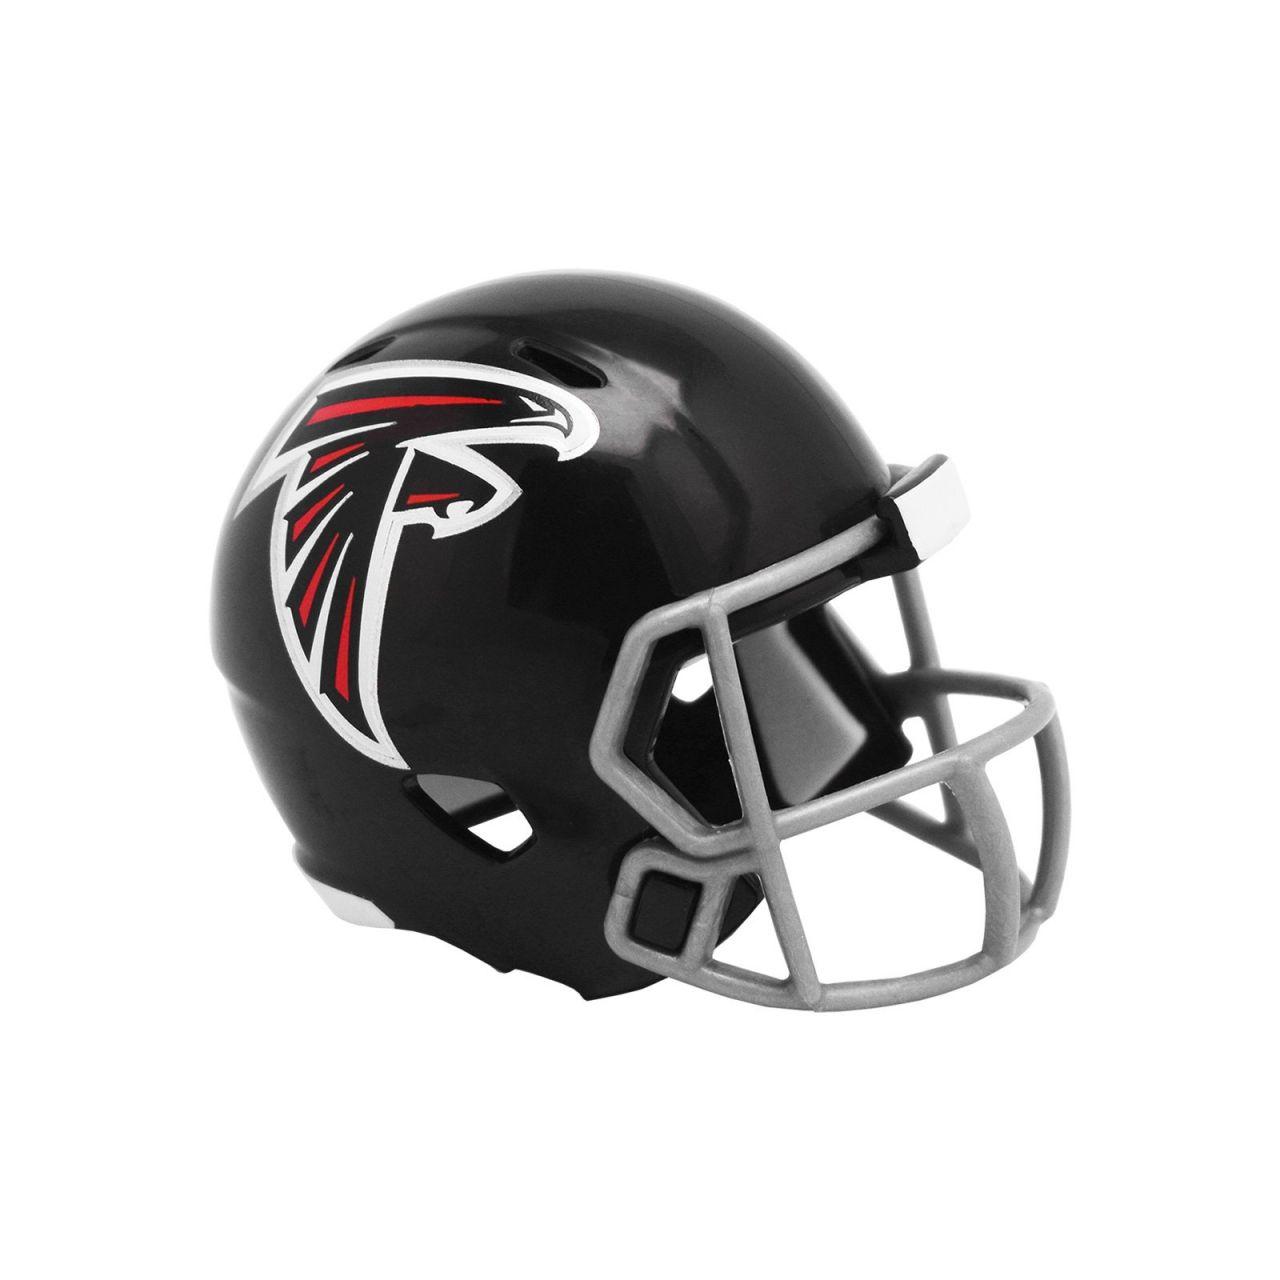 amfoo - Riddell Speed Pocket Football Helm NFL Atlanta Falcons 2020